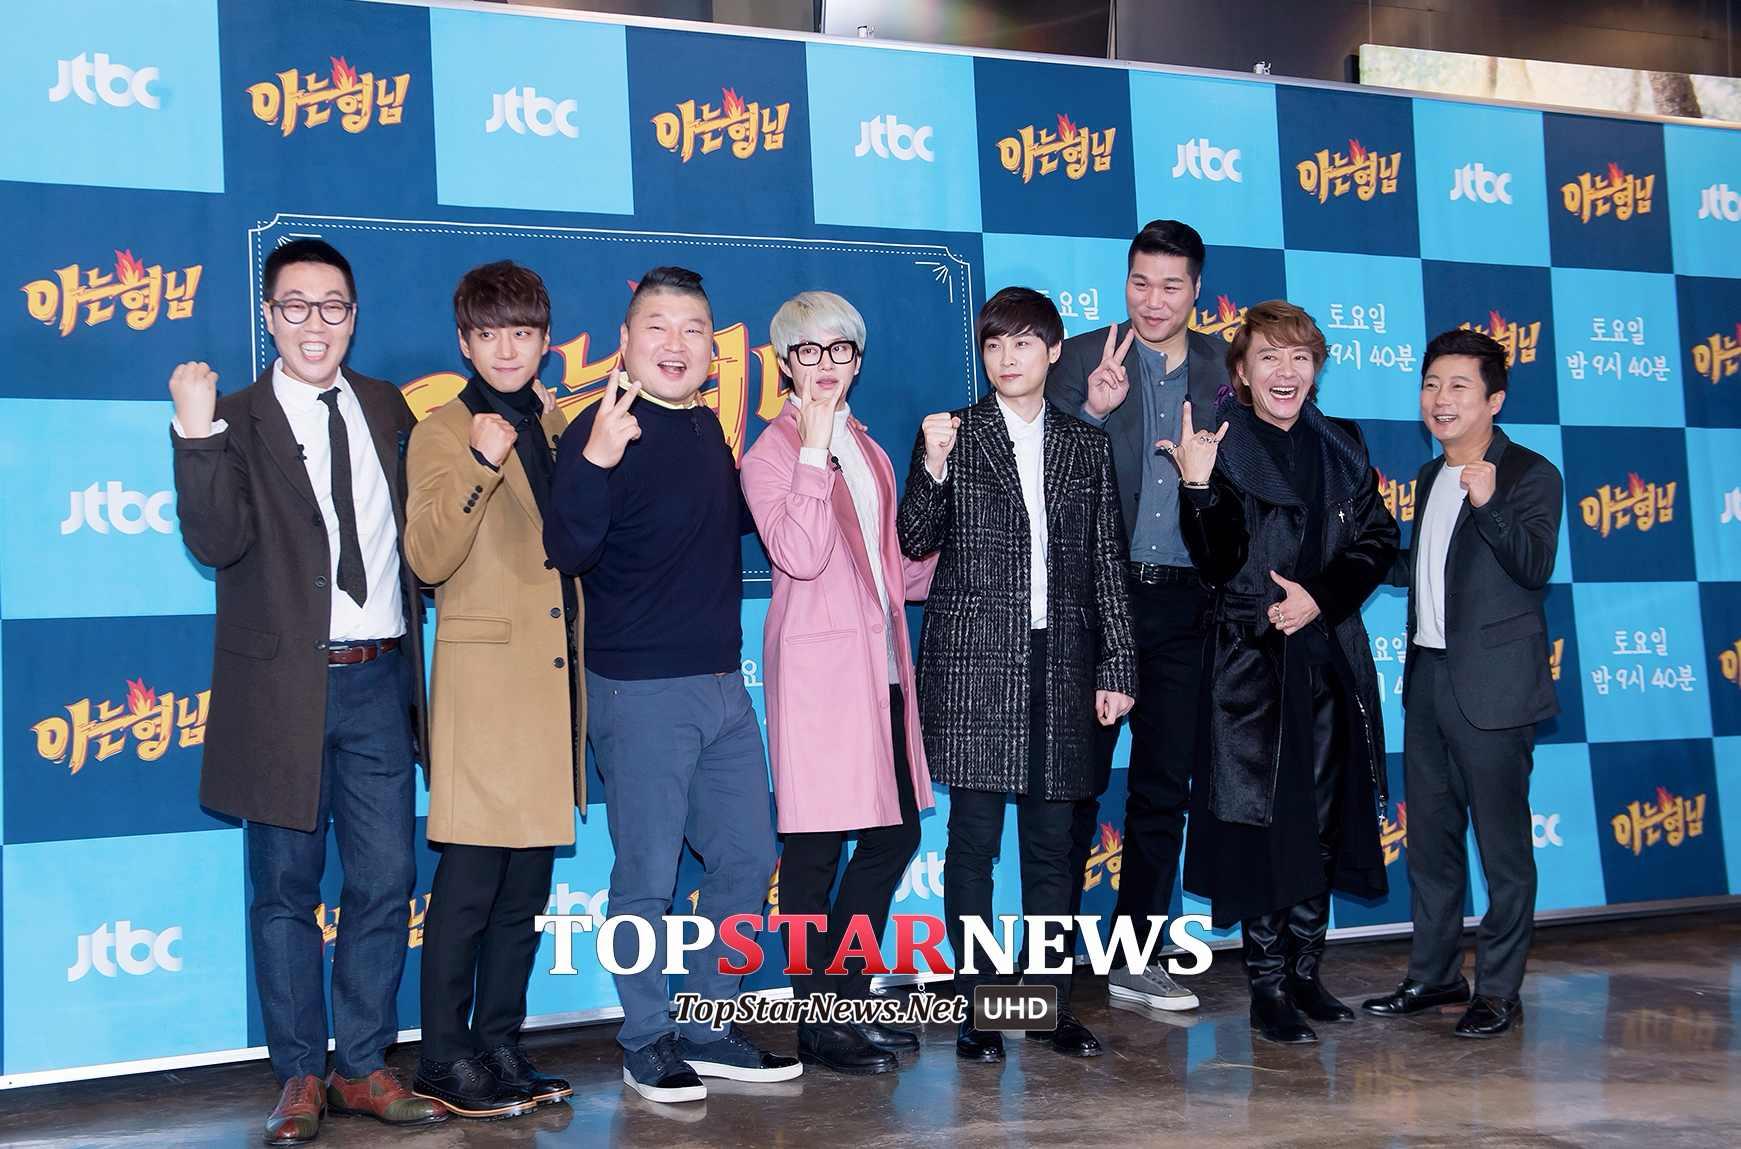 原來是Joy和瑟琪、Wendy、Yeri等成員,一起參加了JTBC節目《認識的哥哥》的錄製,不久前釋出了節目預告…